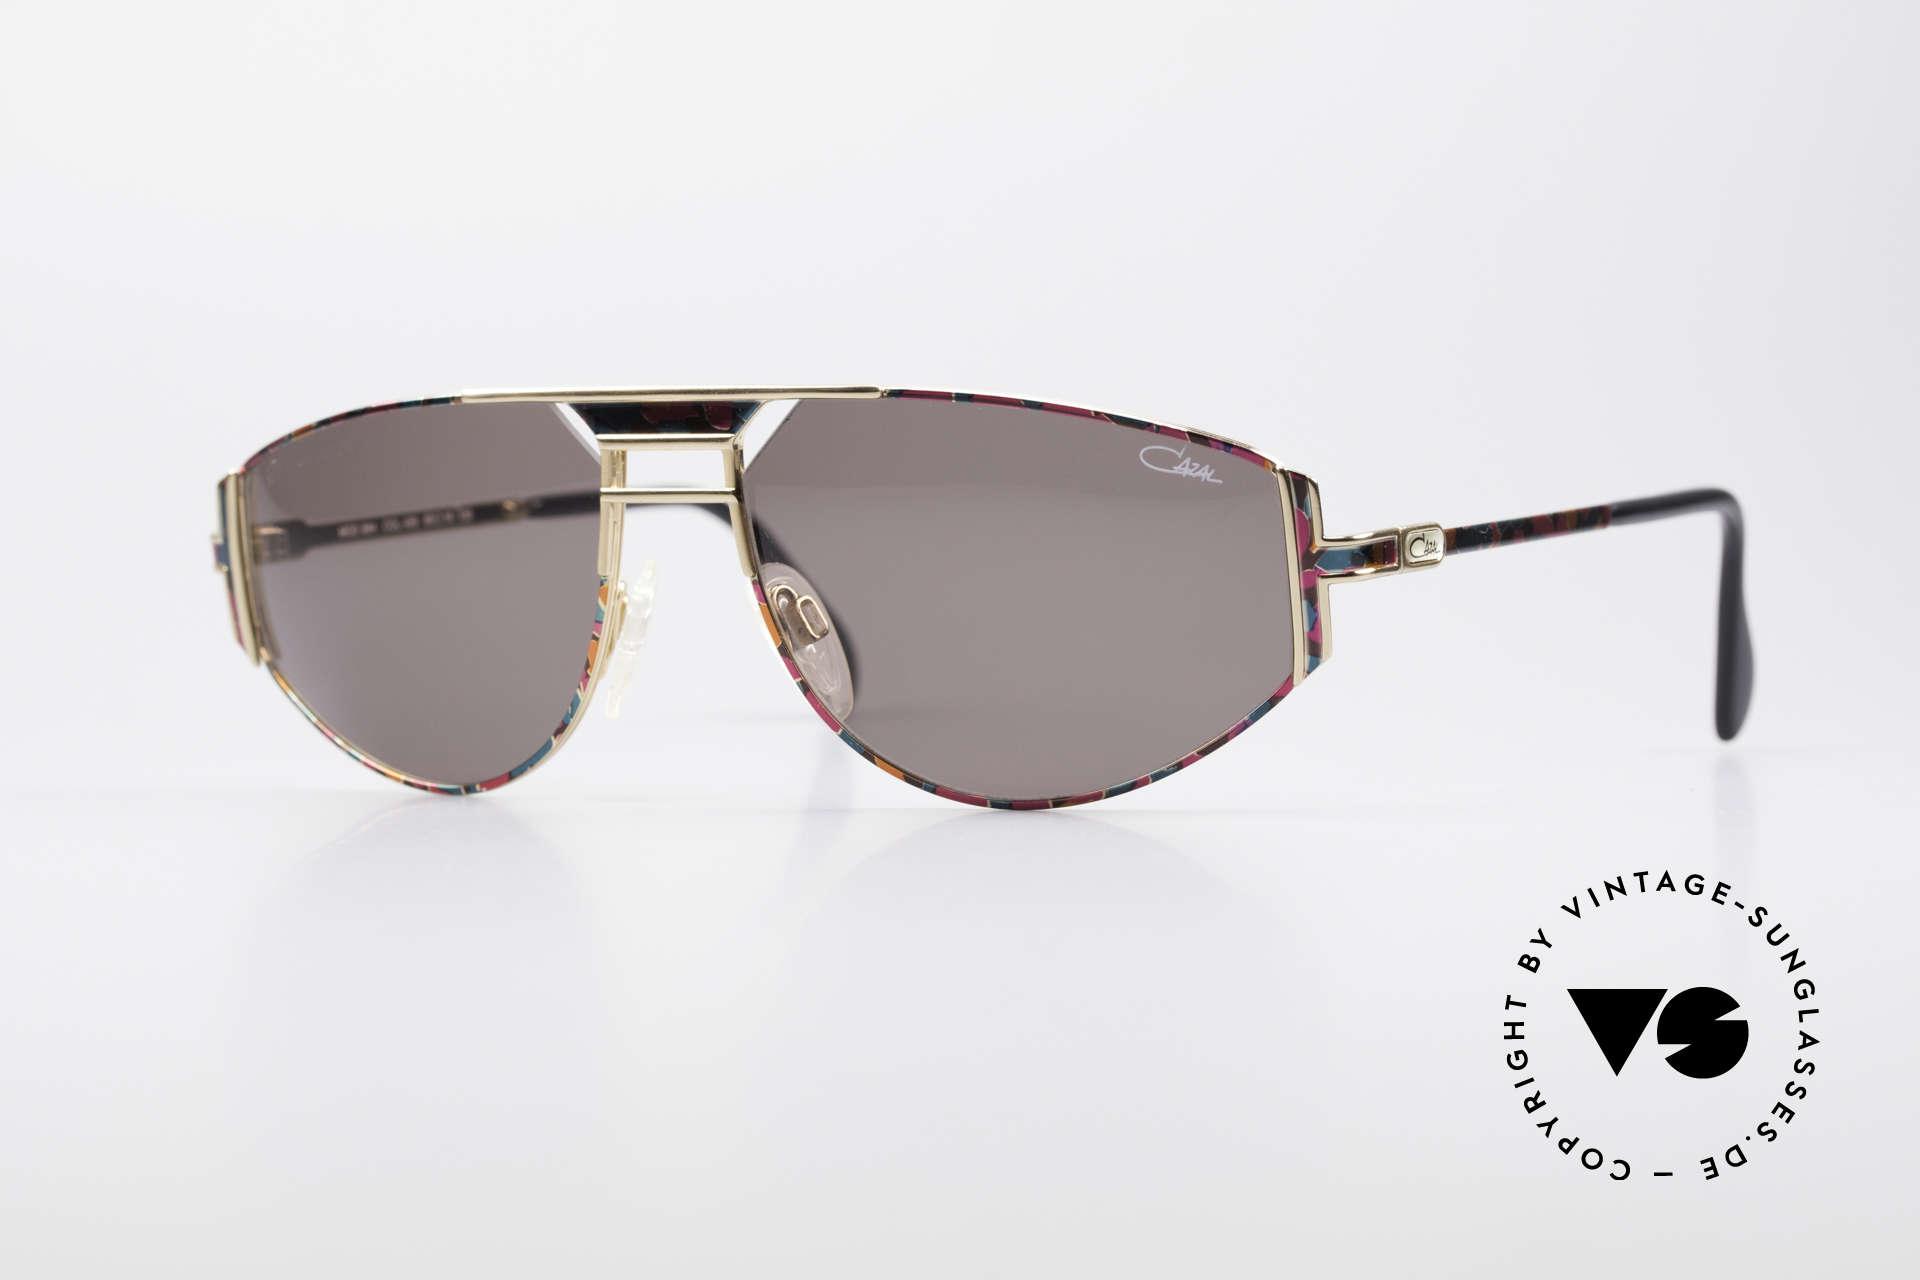 Cazal 964 True 90's No Retro Sunglasses, original Cazal vintage designer sunglasses from 1994, Made for Men and Women